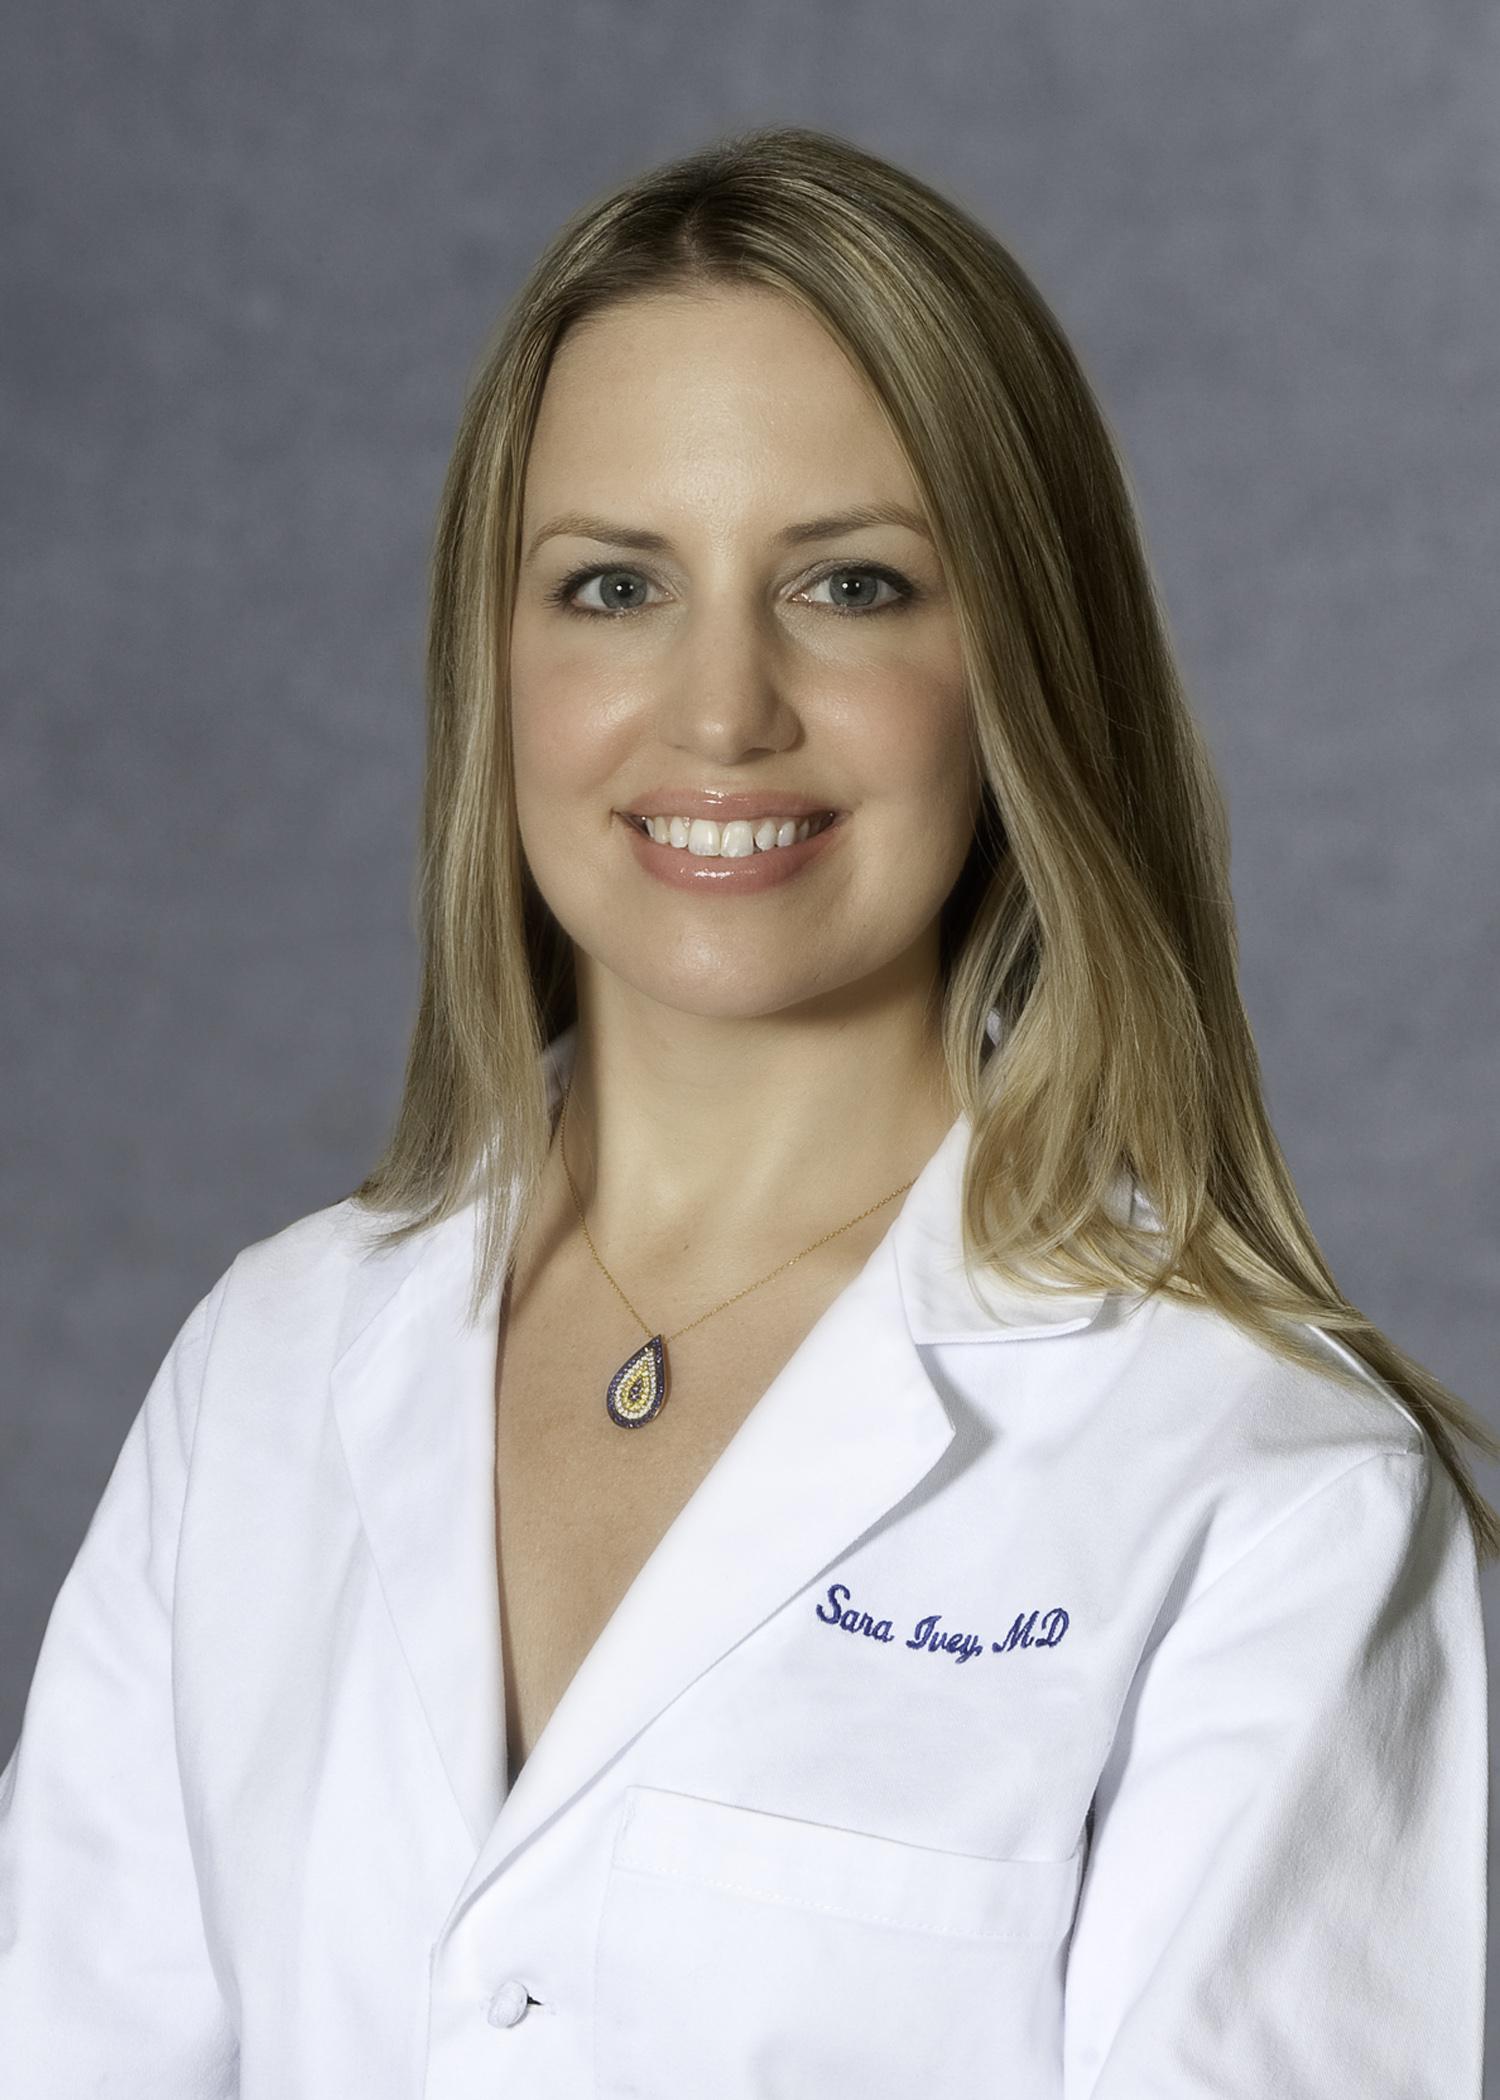 Sara Sarraf, M.D.